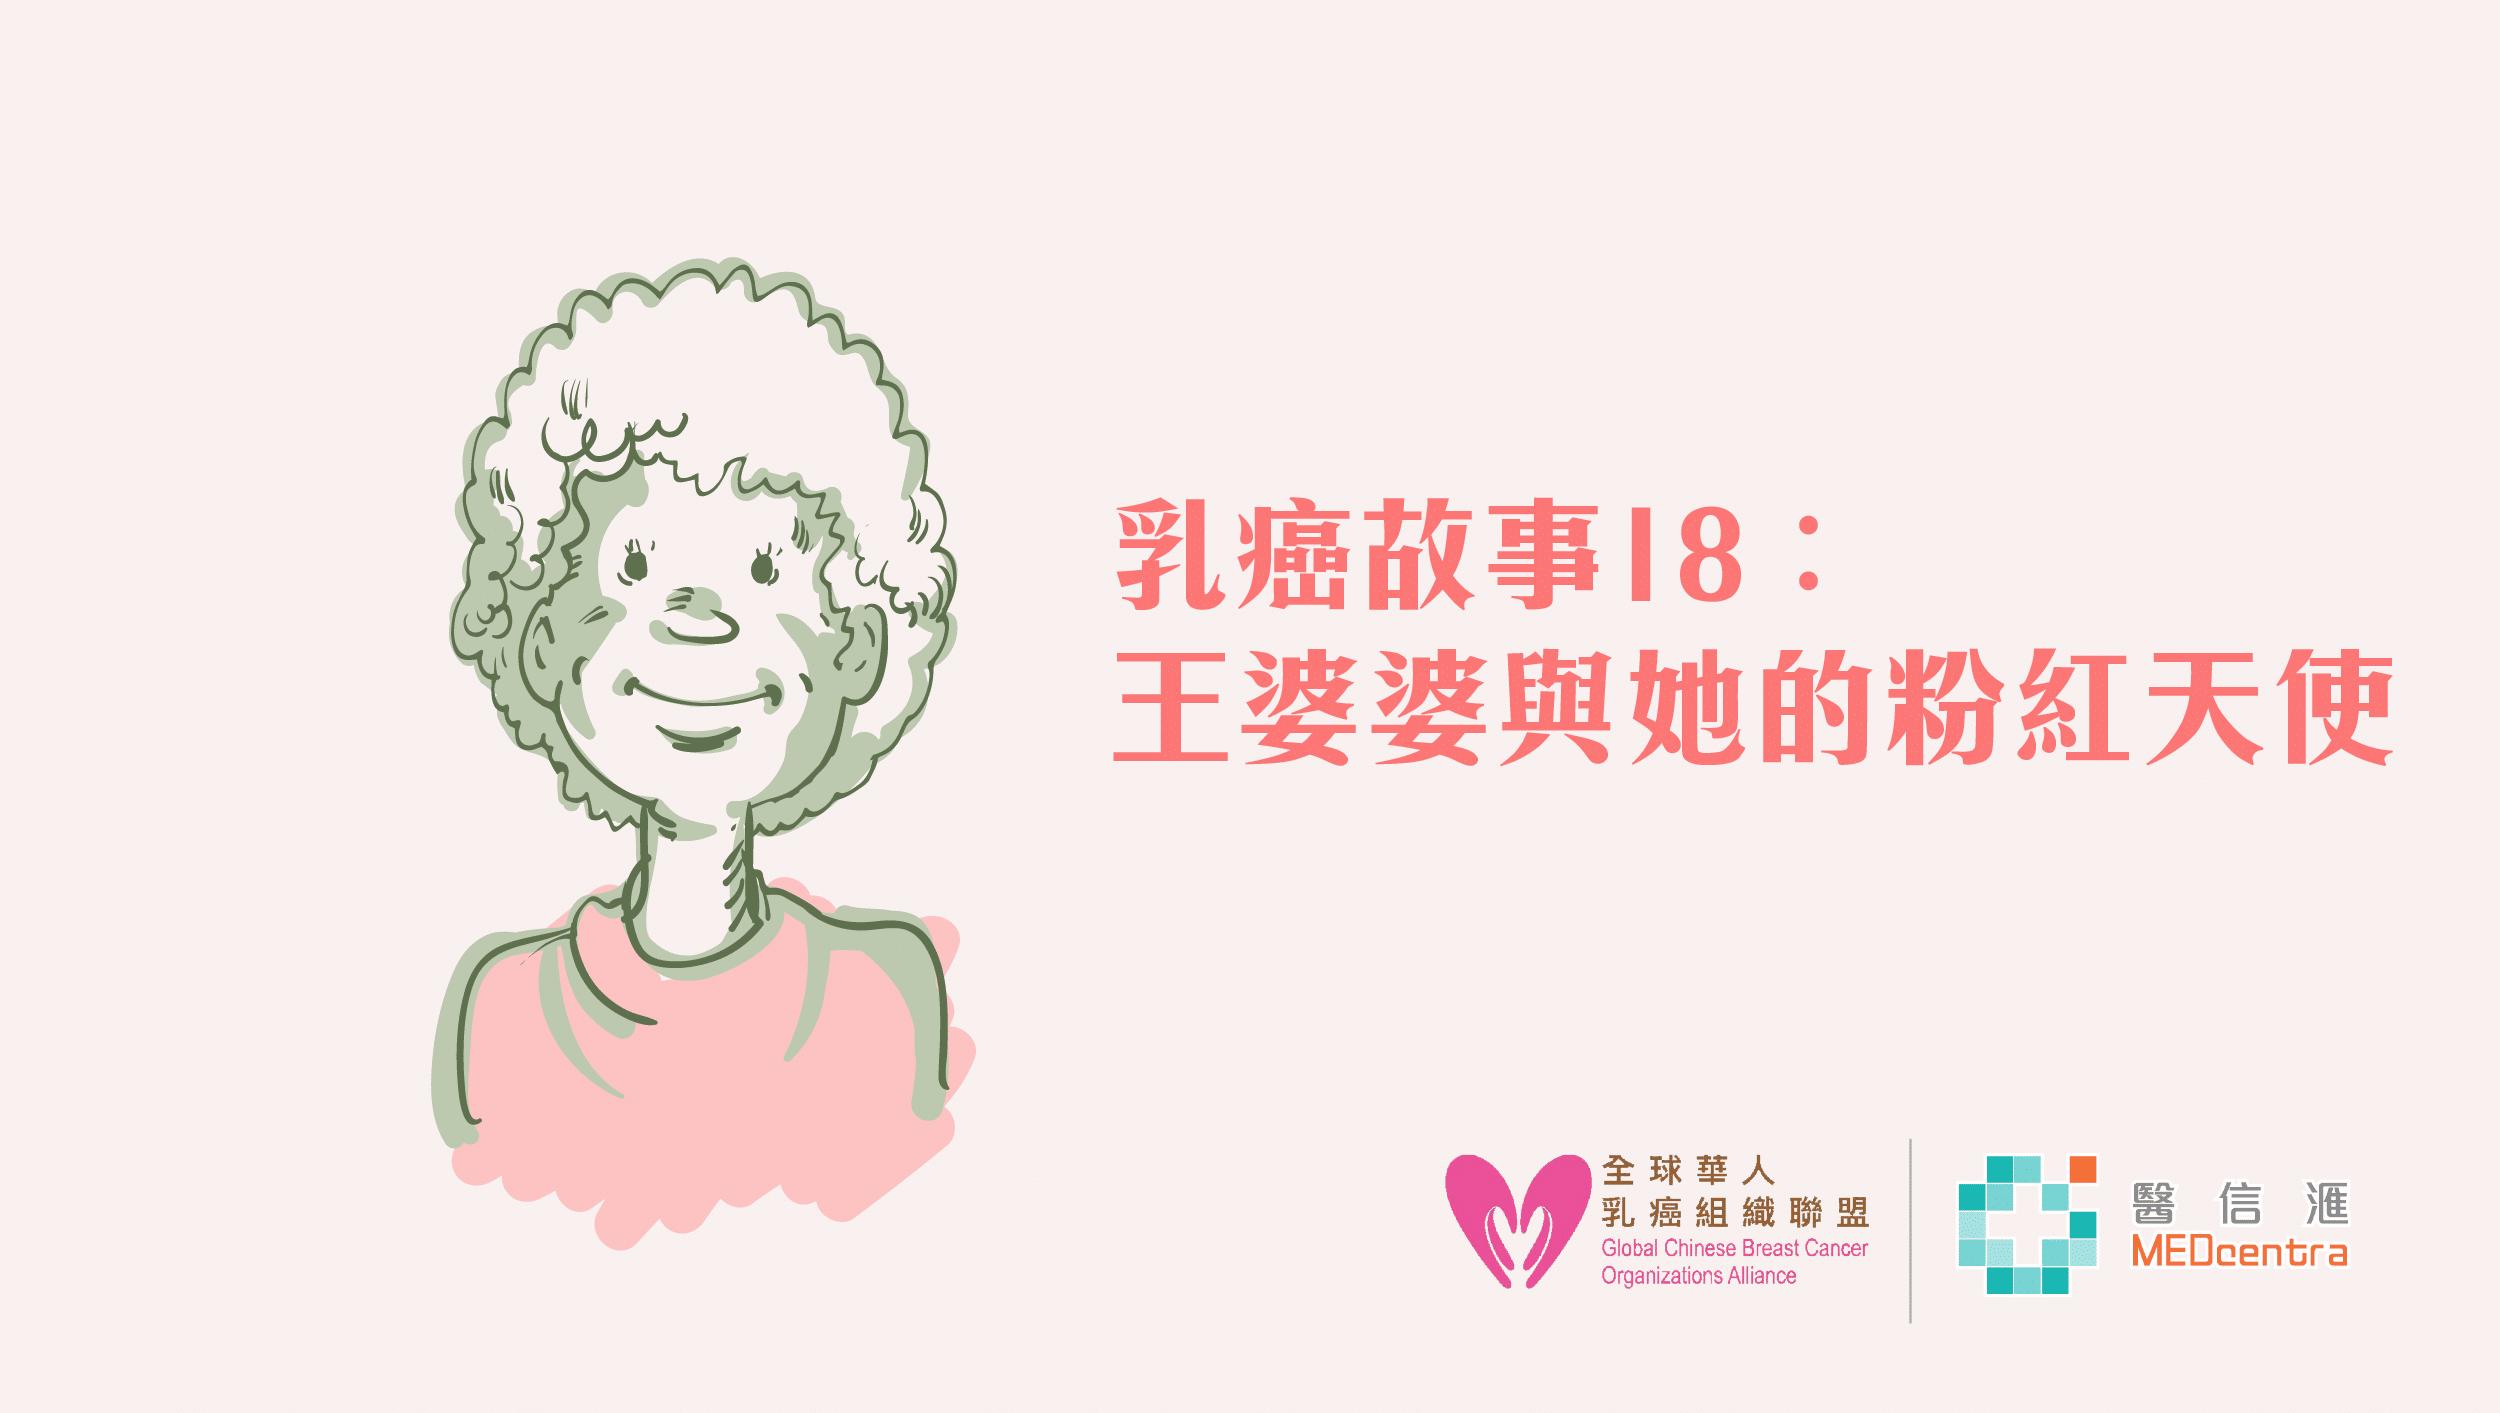 乳癌故事18 – 並肩 240 天 與院舍婆婆經歷 28 關